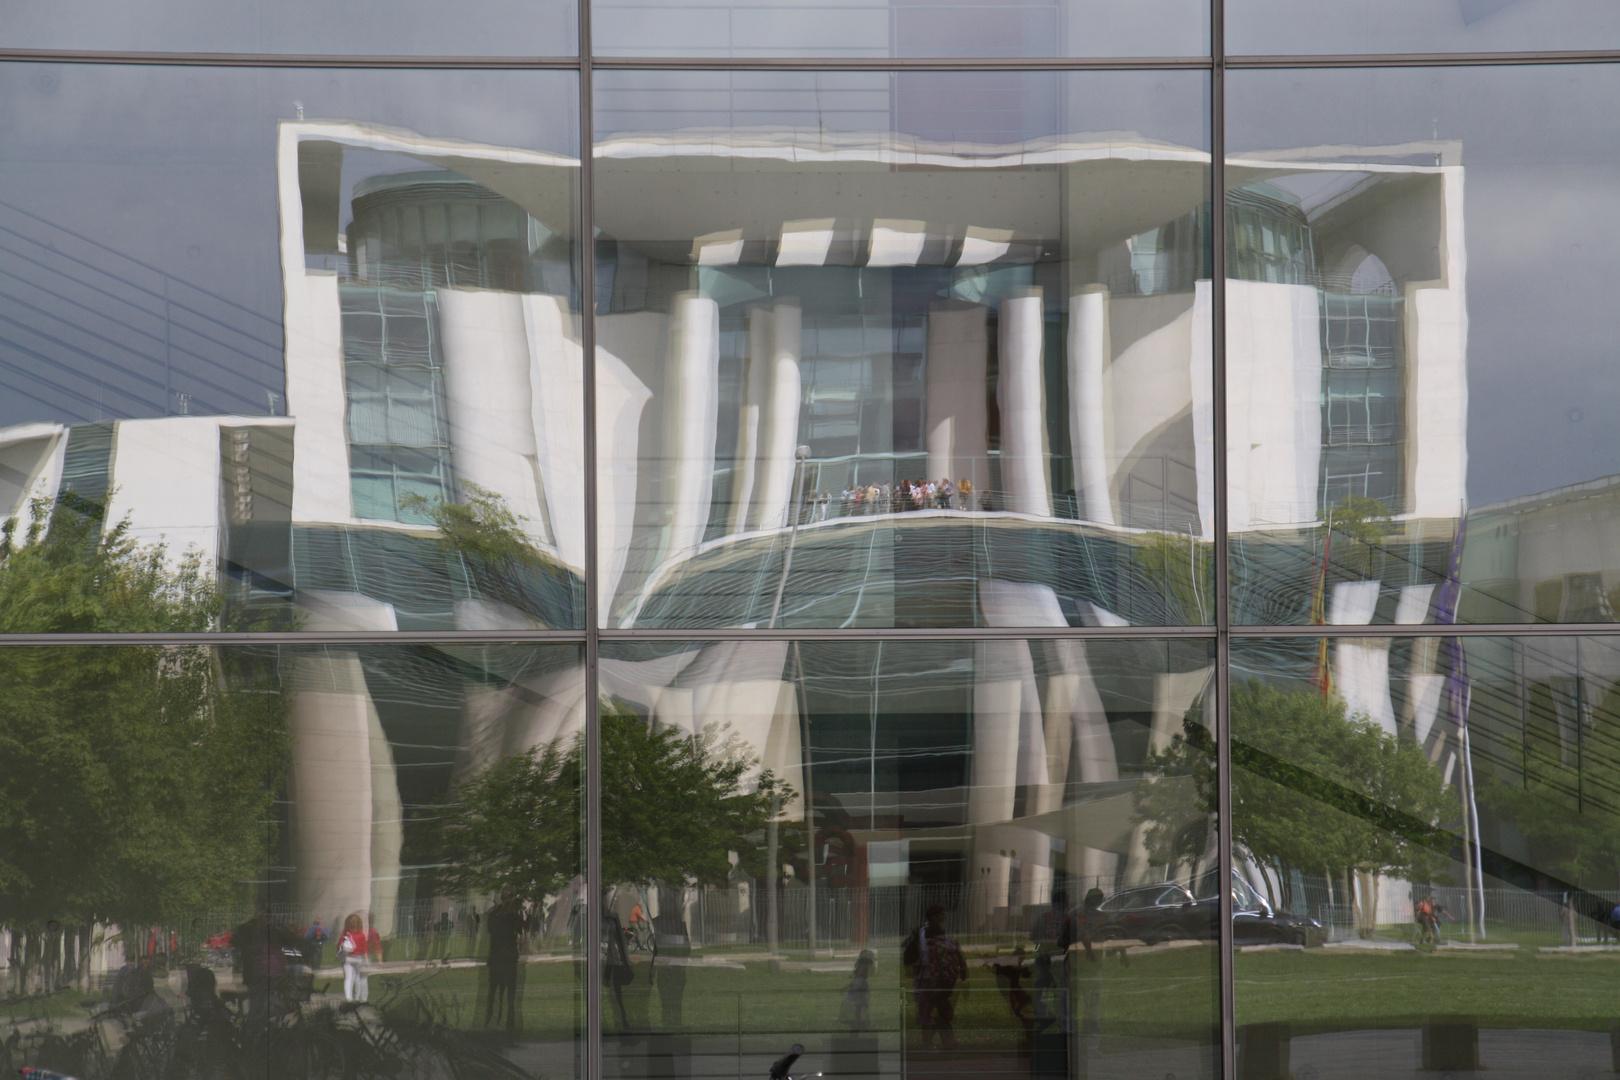 Bundeskanzleramt im Spiegel